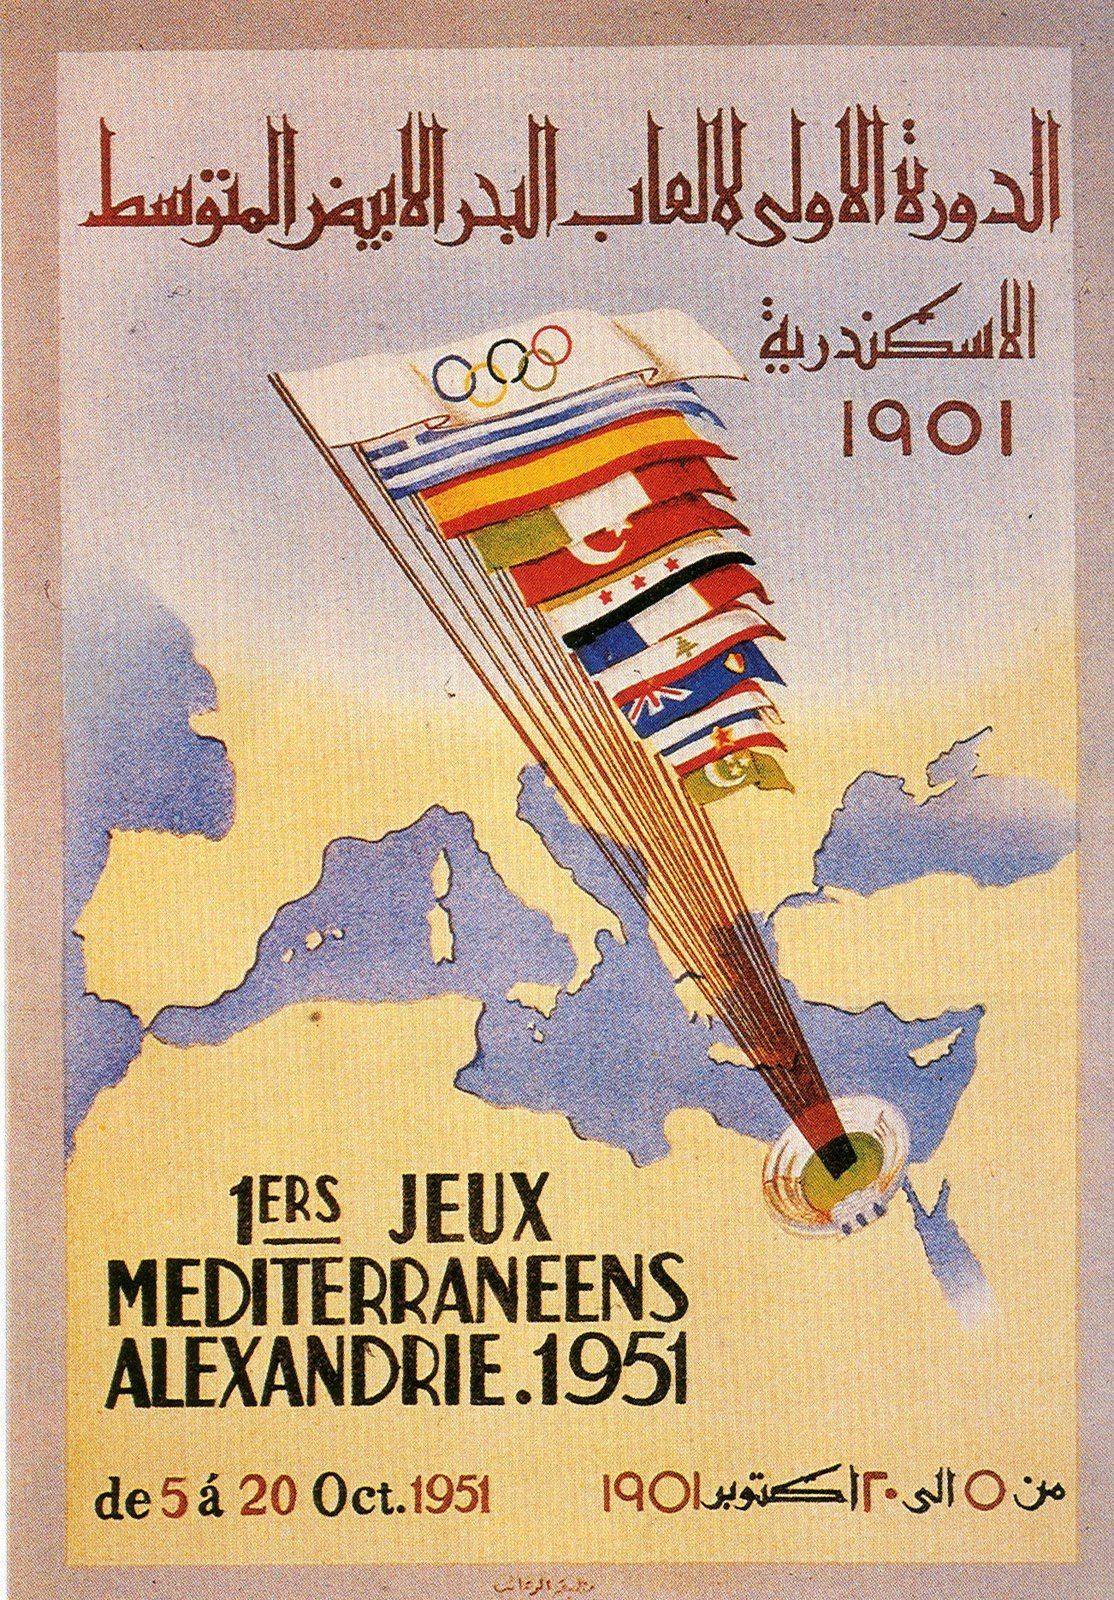 Birinci Akdeniz Oyunları sona erdi. Türkiye serbest güreşte 8 sıklette altın madalya alarak takım halinde şampiyon oldu tarihte bugün